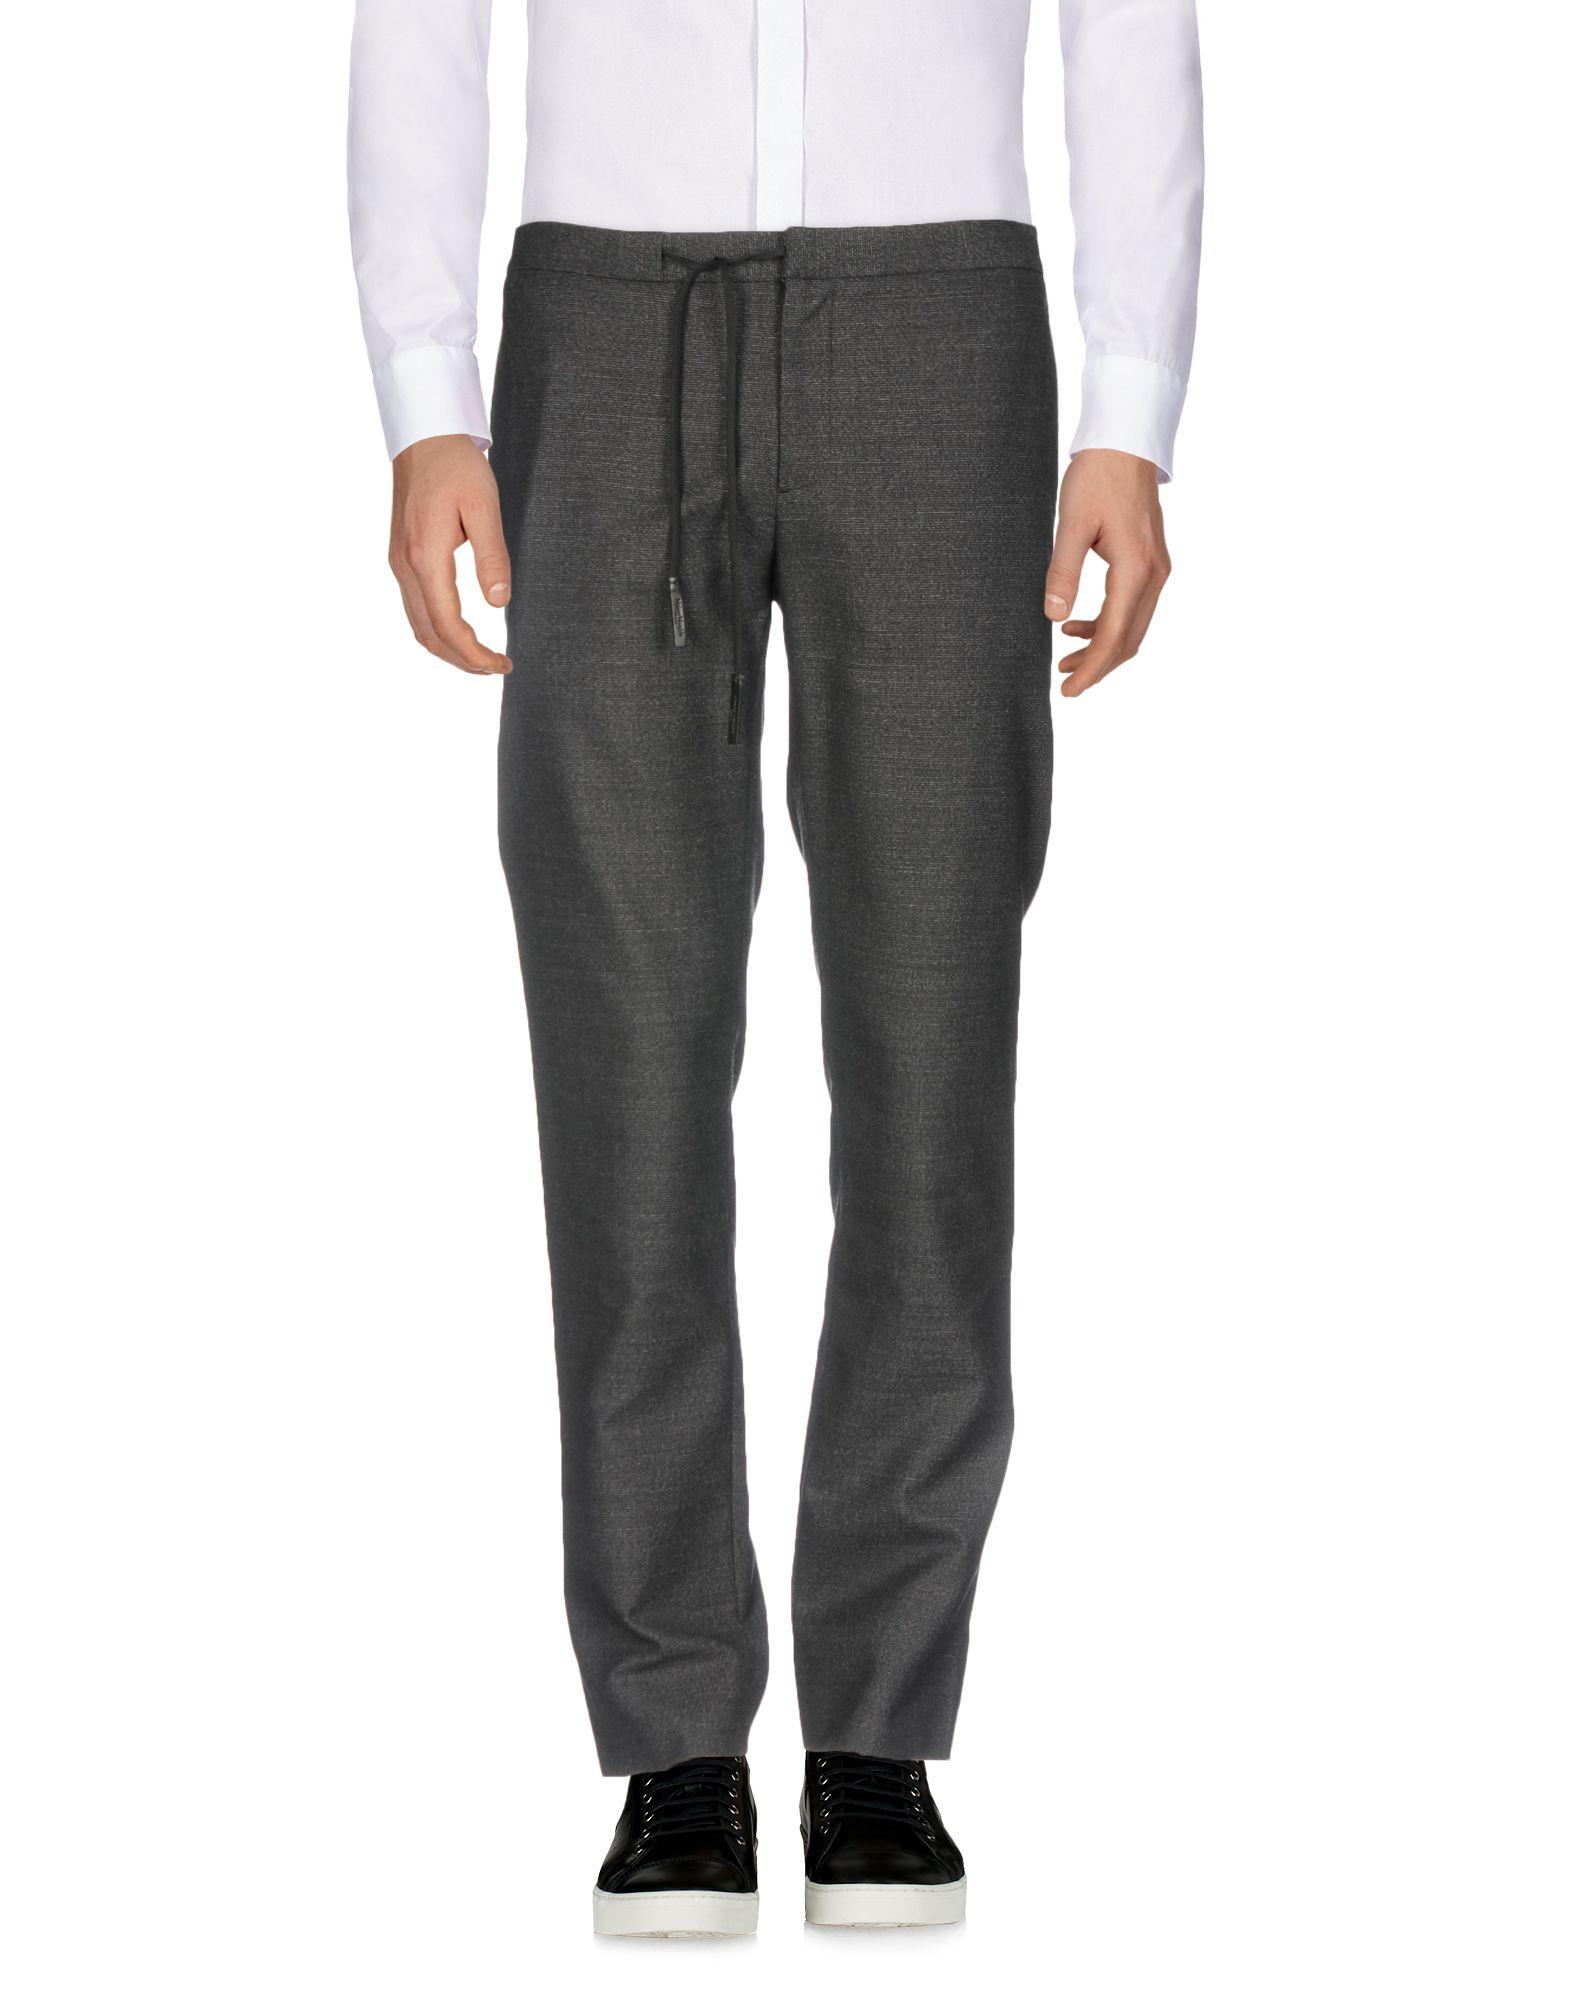 Pantalone Margiela Maison Margiela Pantalone Uomo - 13180101BG bd2cd2